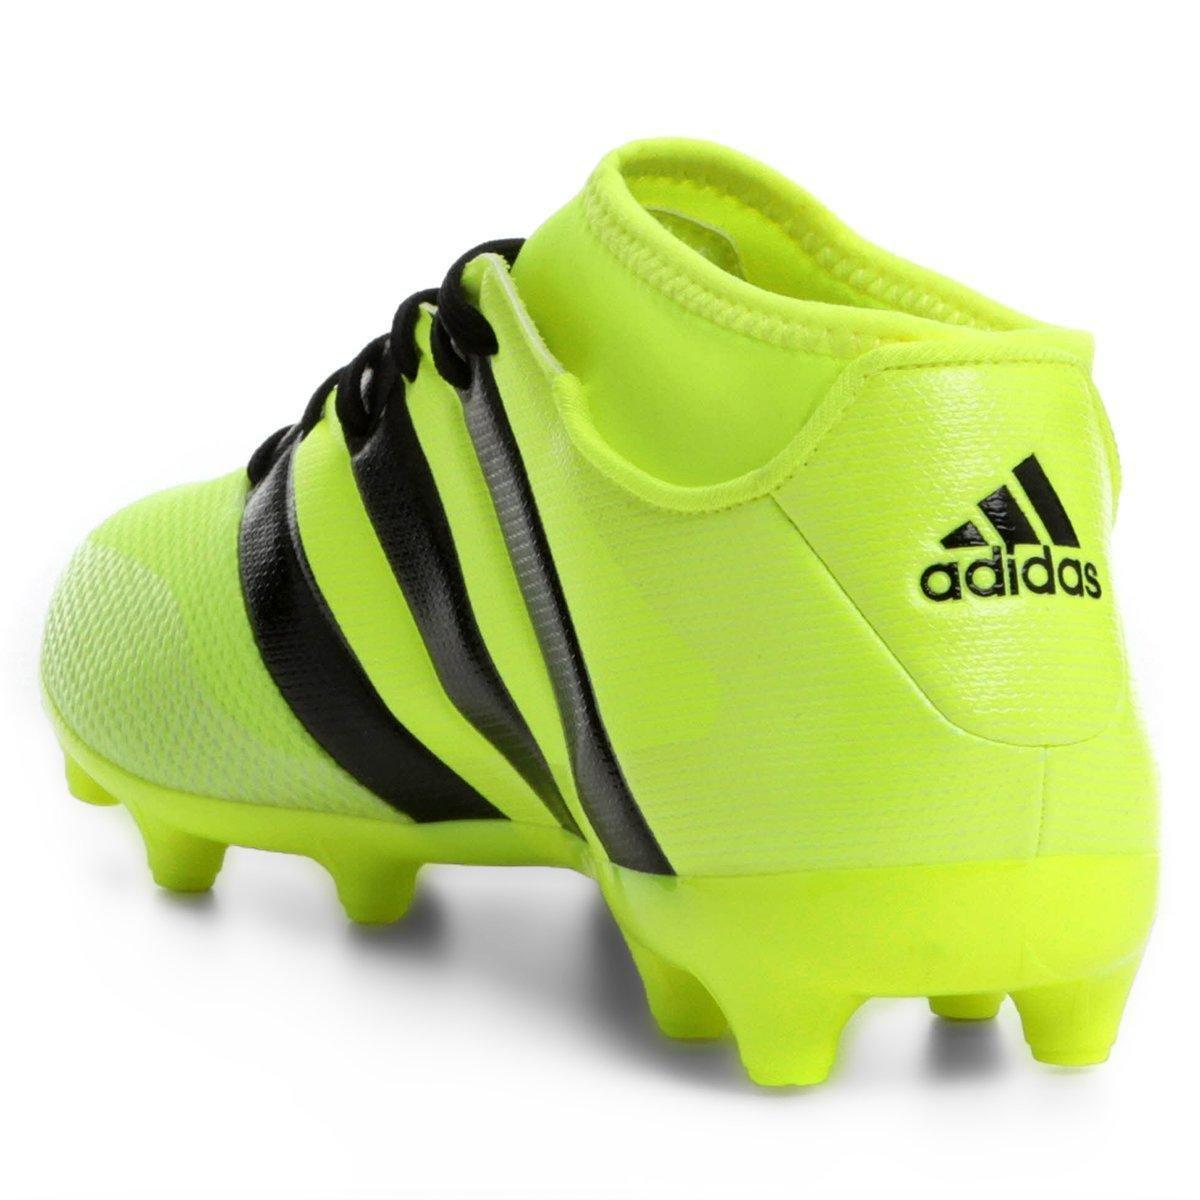 355d67ac082a3 Chuteira Adidas Ace 16.3 Primemesh FG Campo - Compre Agora